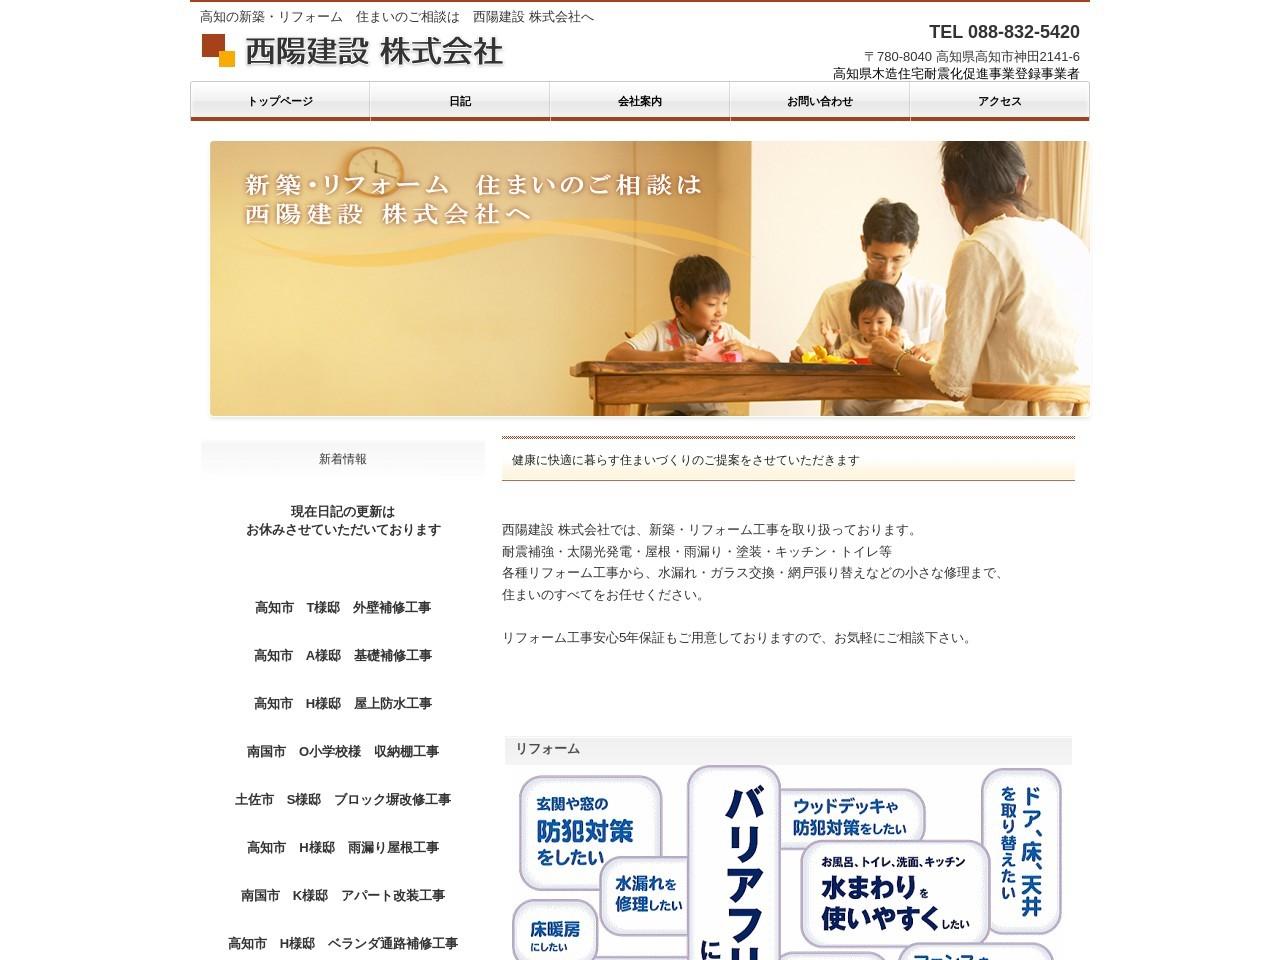 西陽建設株式会社